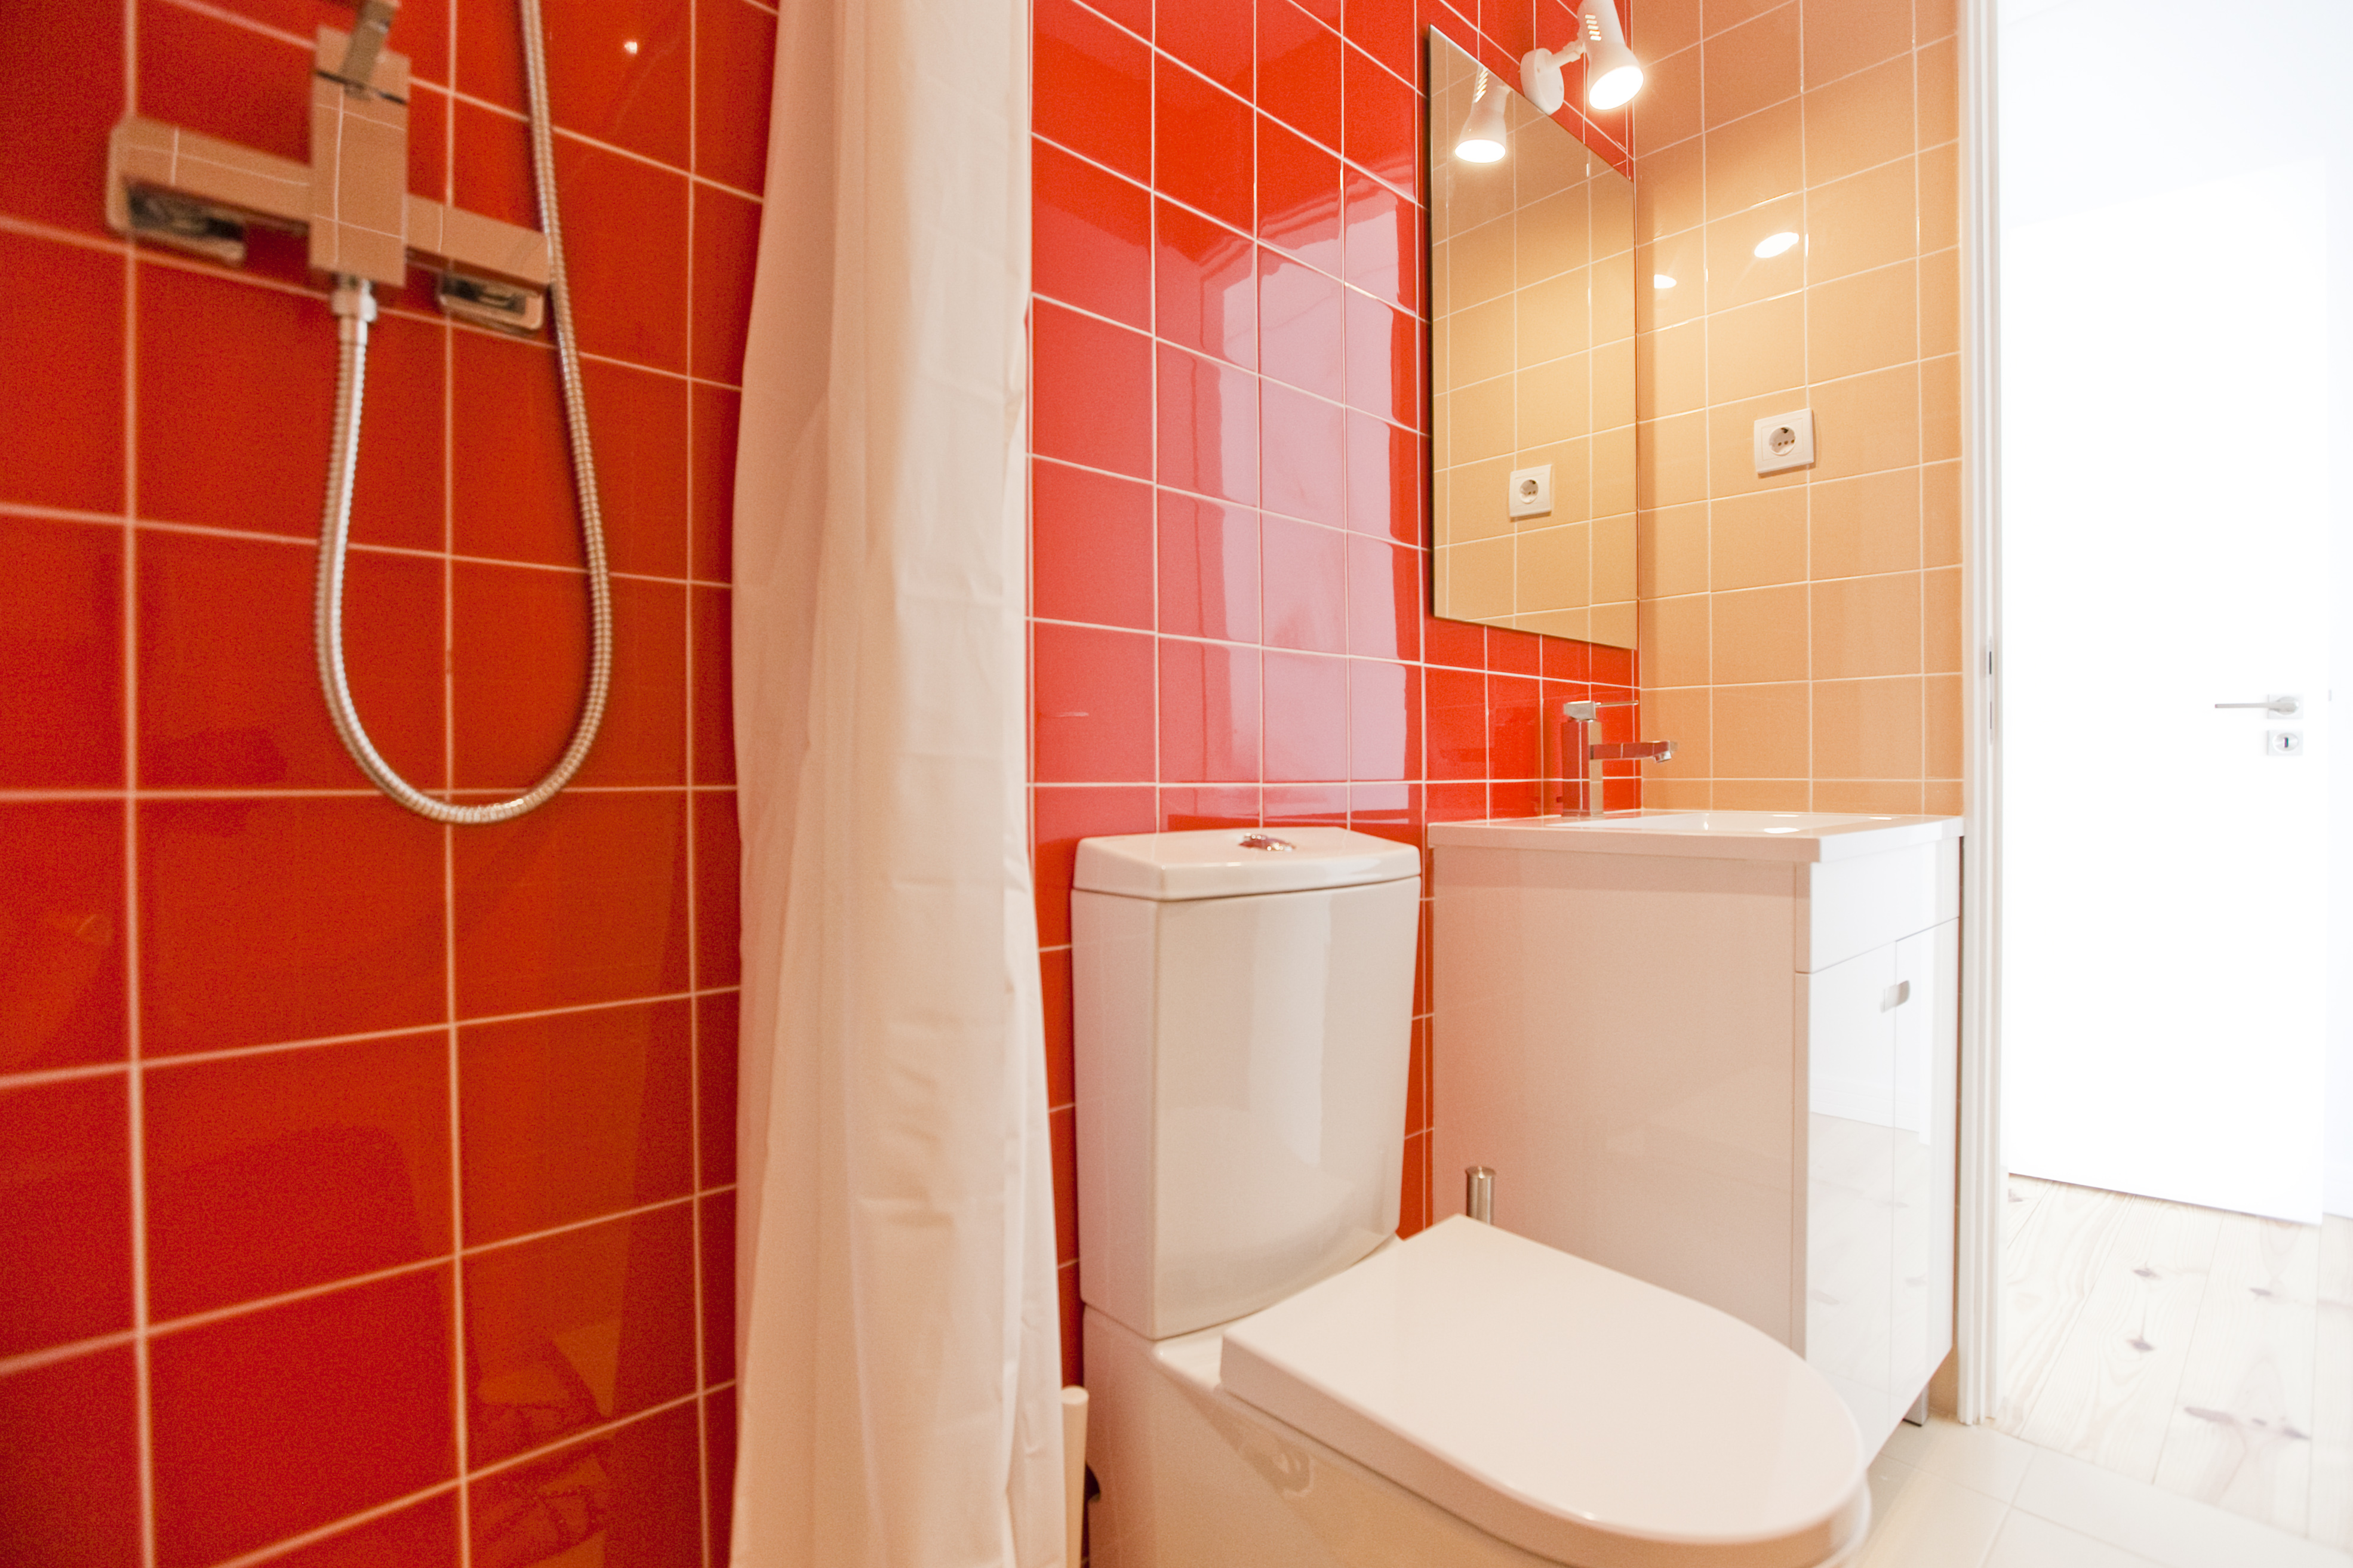 TE - Suite 4 - IS.Bathroom - Foto 1.JPG